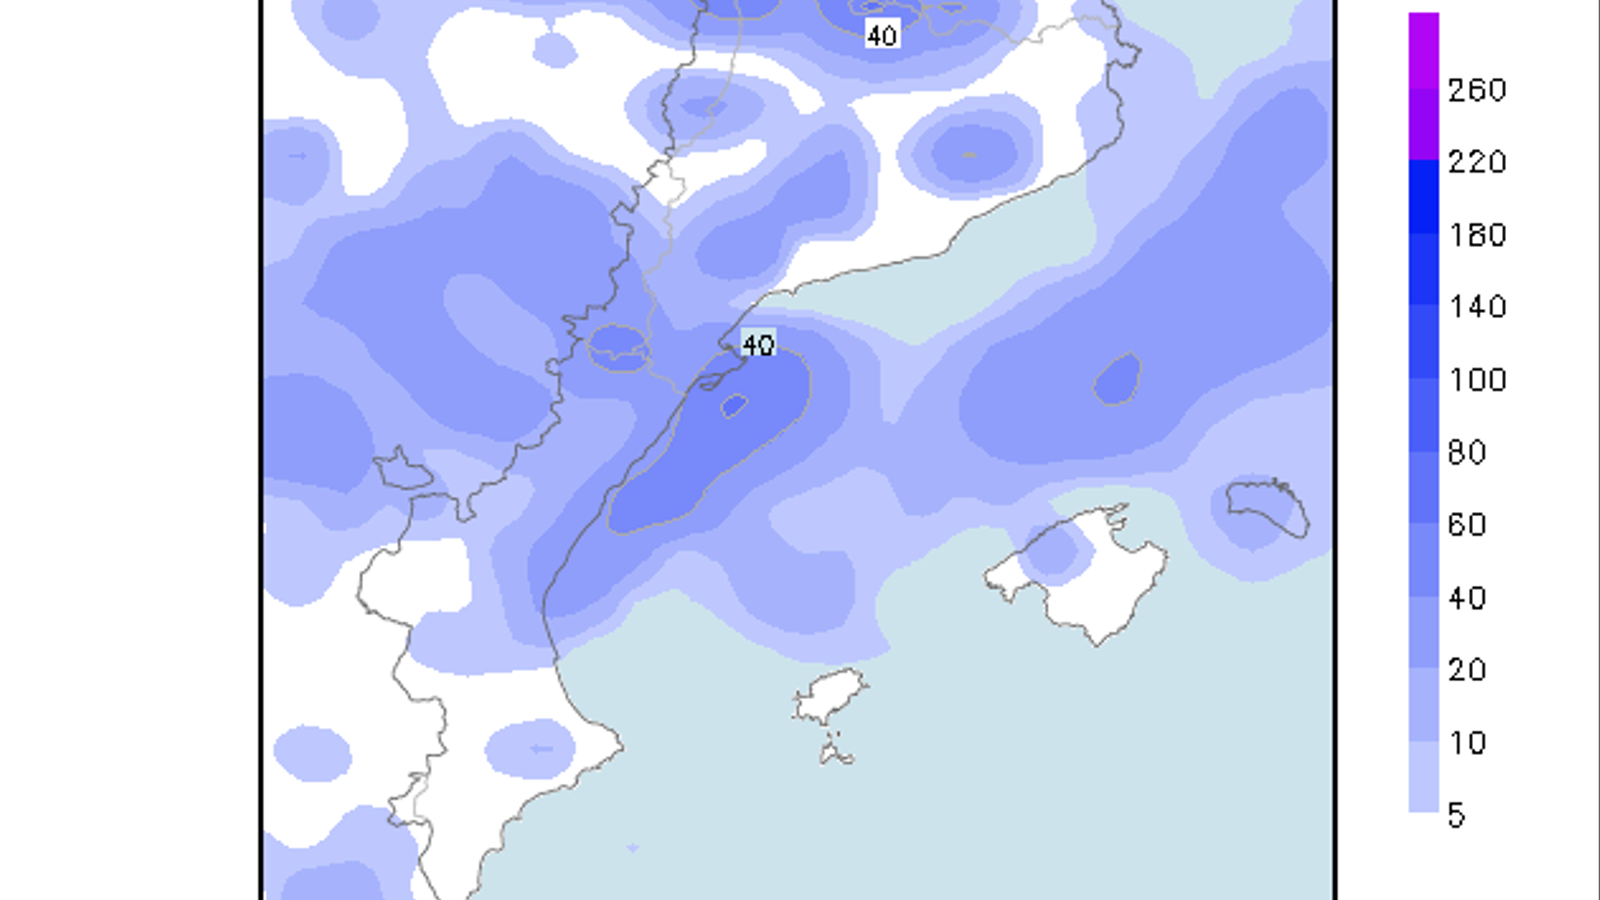 Acumulacions de precipitació previstes entre avui a les 8 del matí fins diumenge